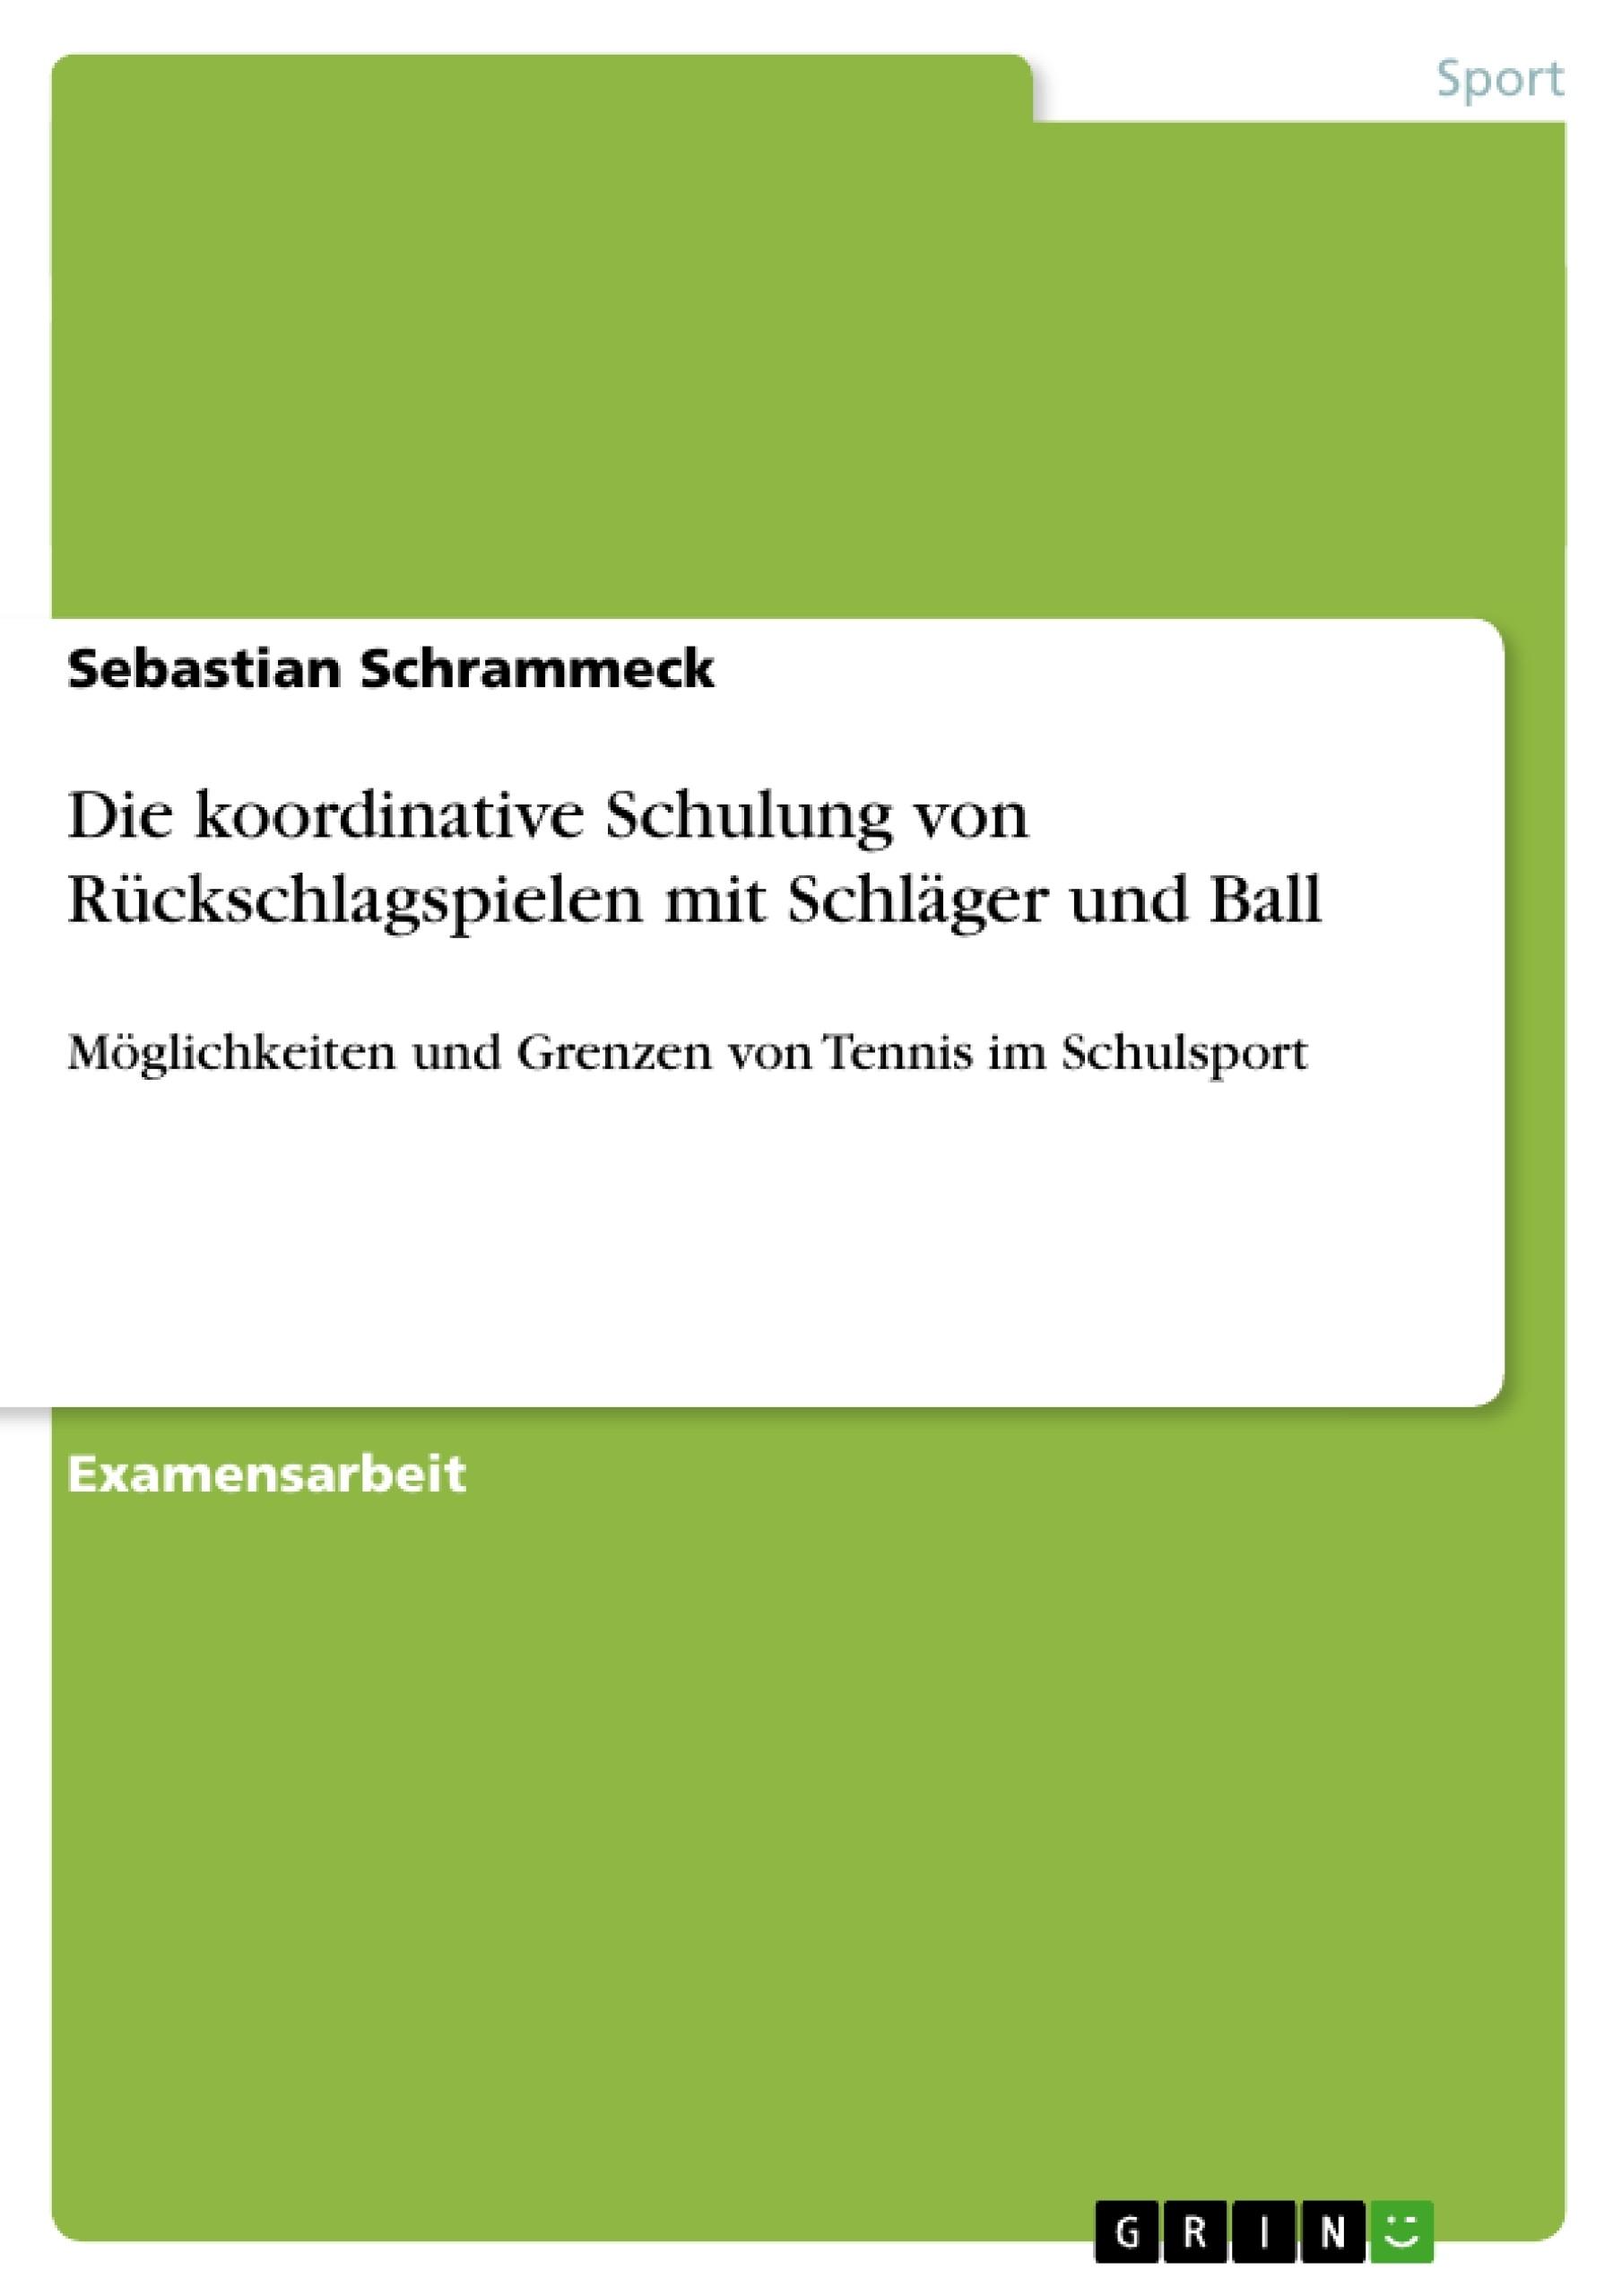 Titel: Die koordinative Schulung von Rückschlagspielen mit Schläger und Ball